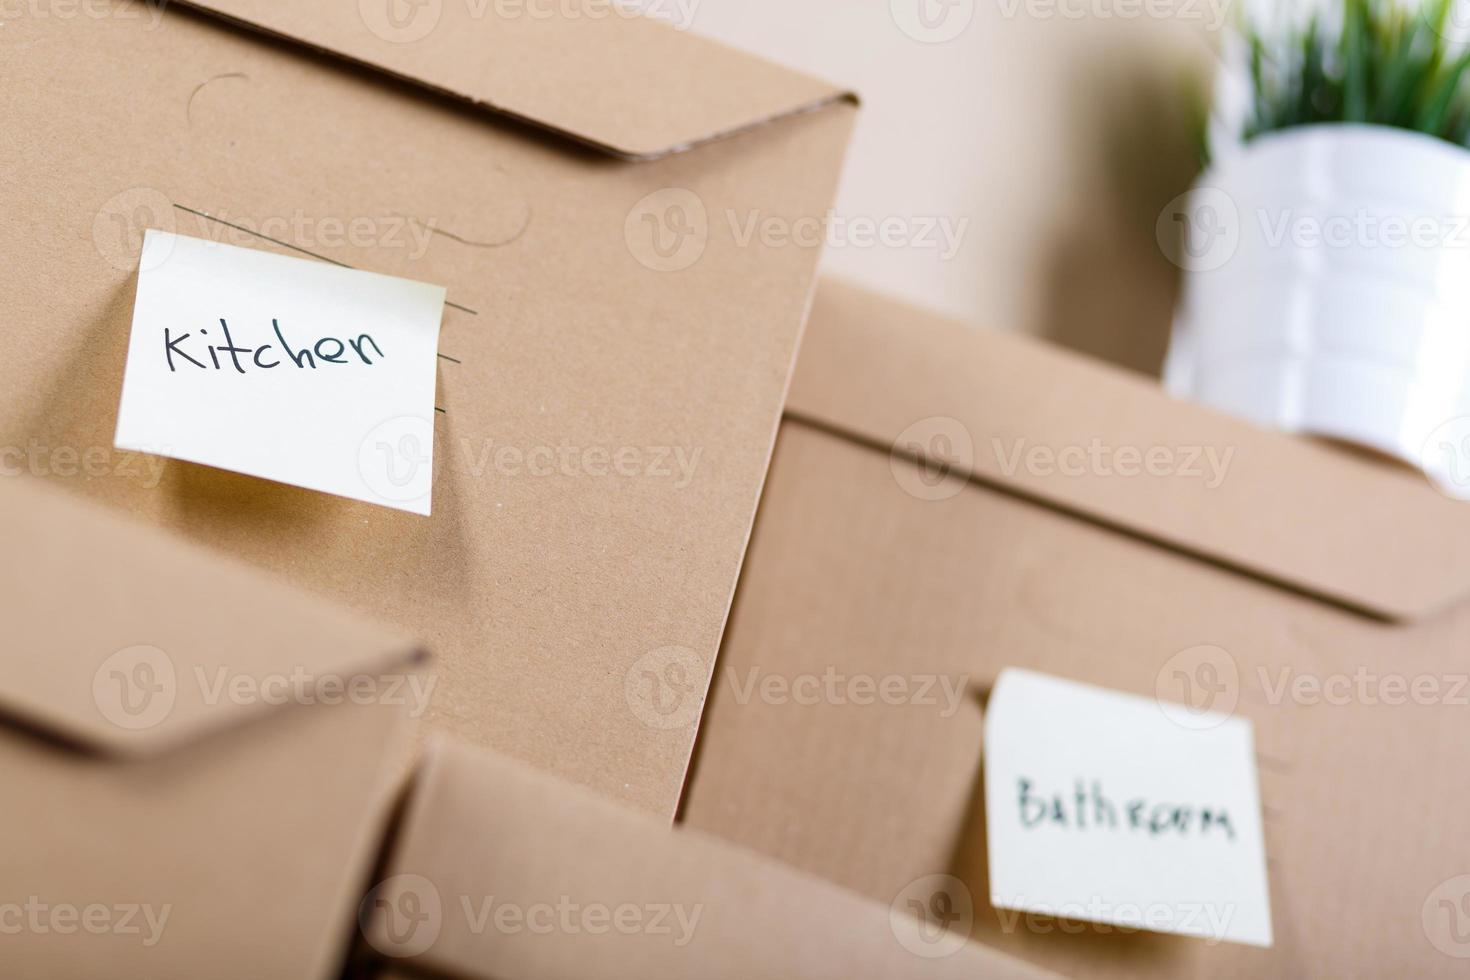 tas de boîtes en carton brun avec des articles de maison ou de bureau photo